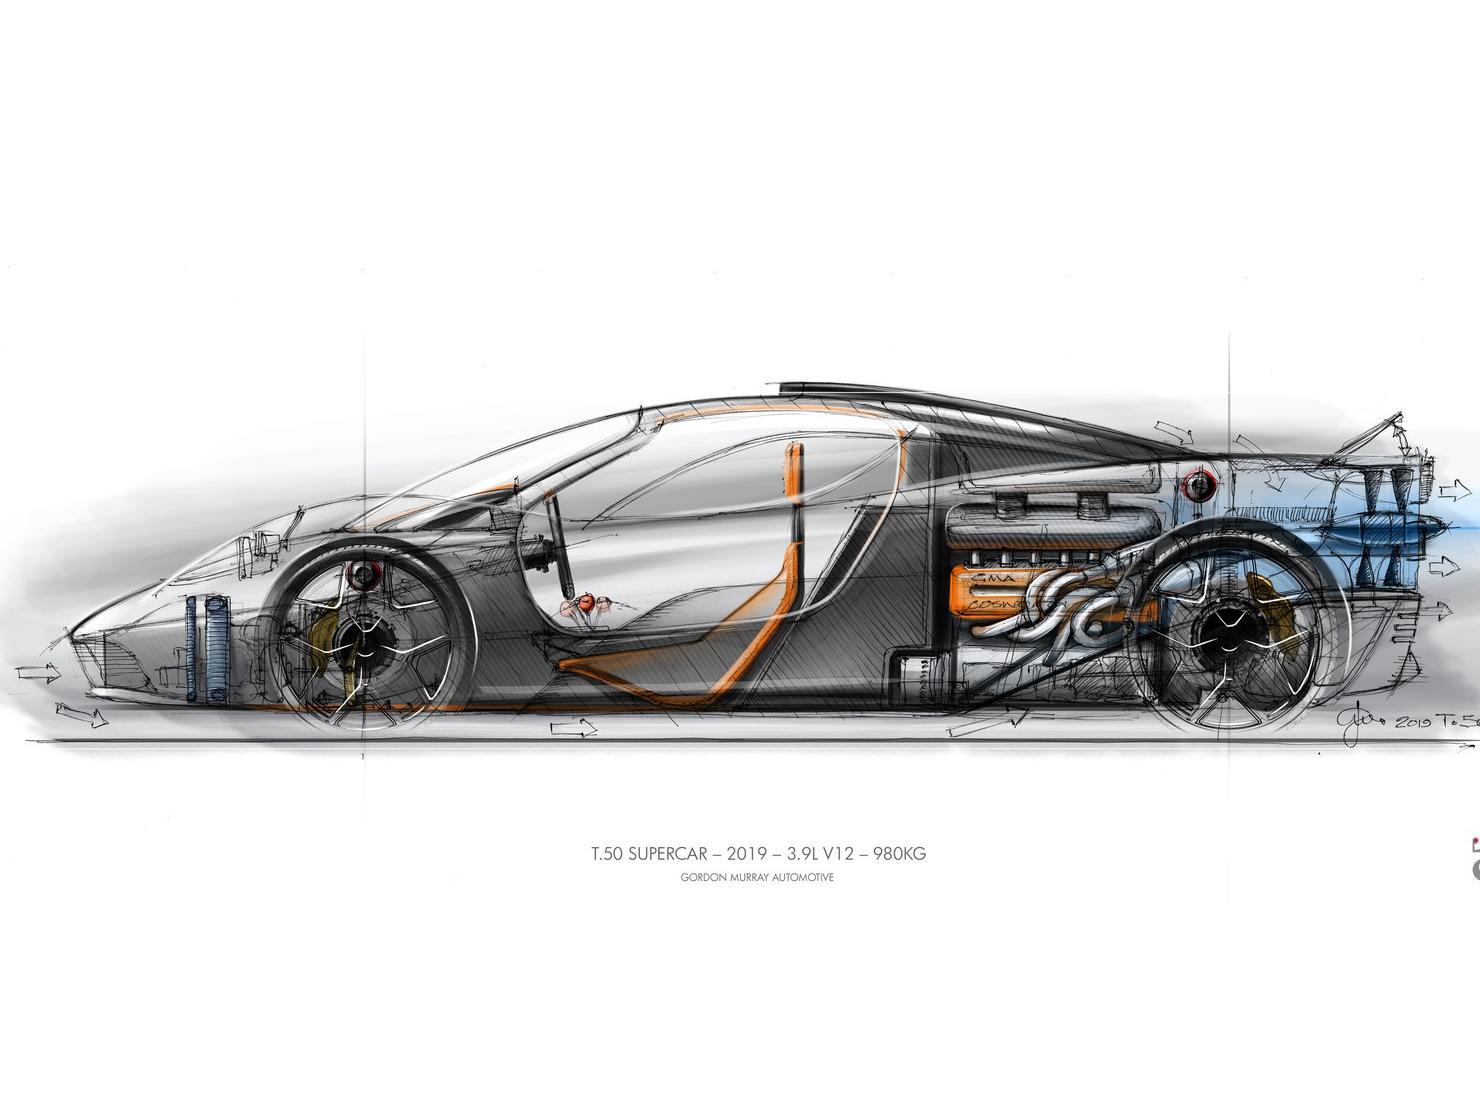 Das neue Modell verfügt über eine intelligente aktive Unterboden-Aerodynamik, die mit kontinuierlichen, dynamischen und interaktiven Unterboden-Bodeneffekt-Systemen das Fahrerlebnis optimiert.